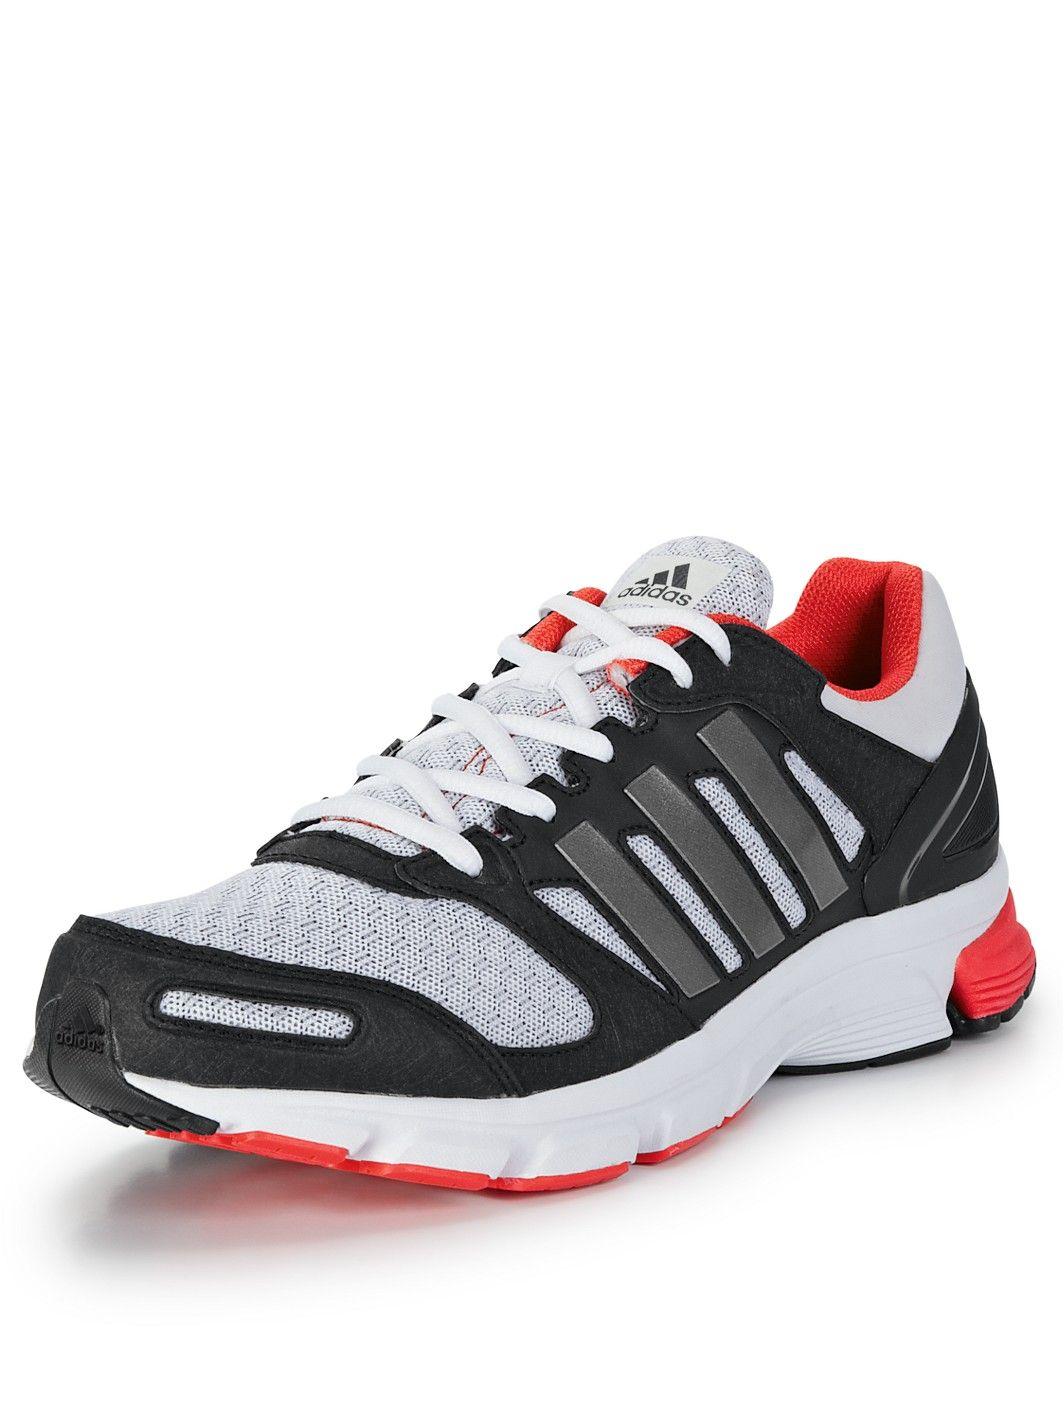 adidas Duramo Nova 2 Mens Trainers very.co.uk Mens